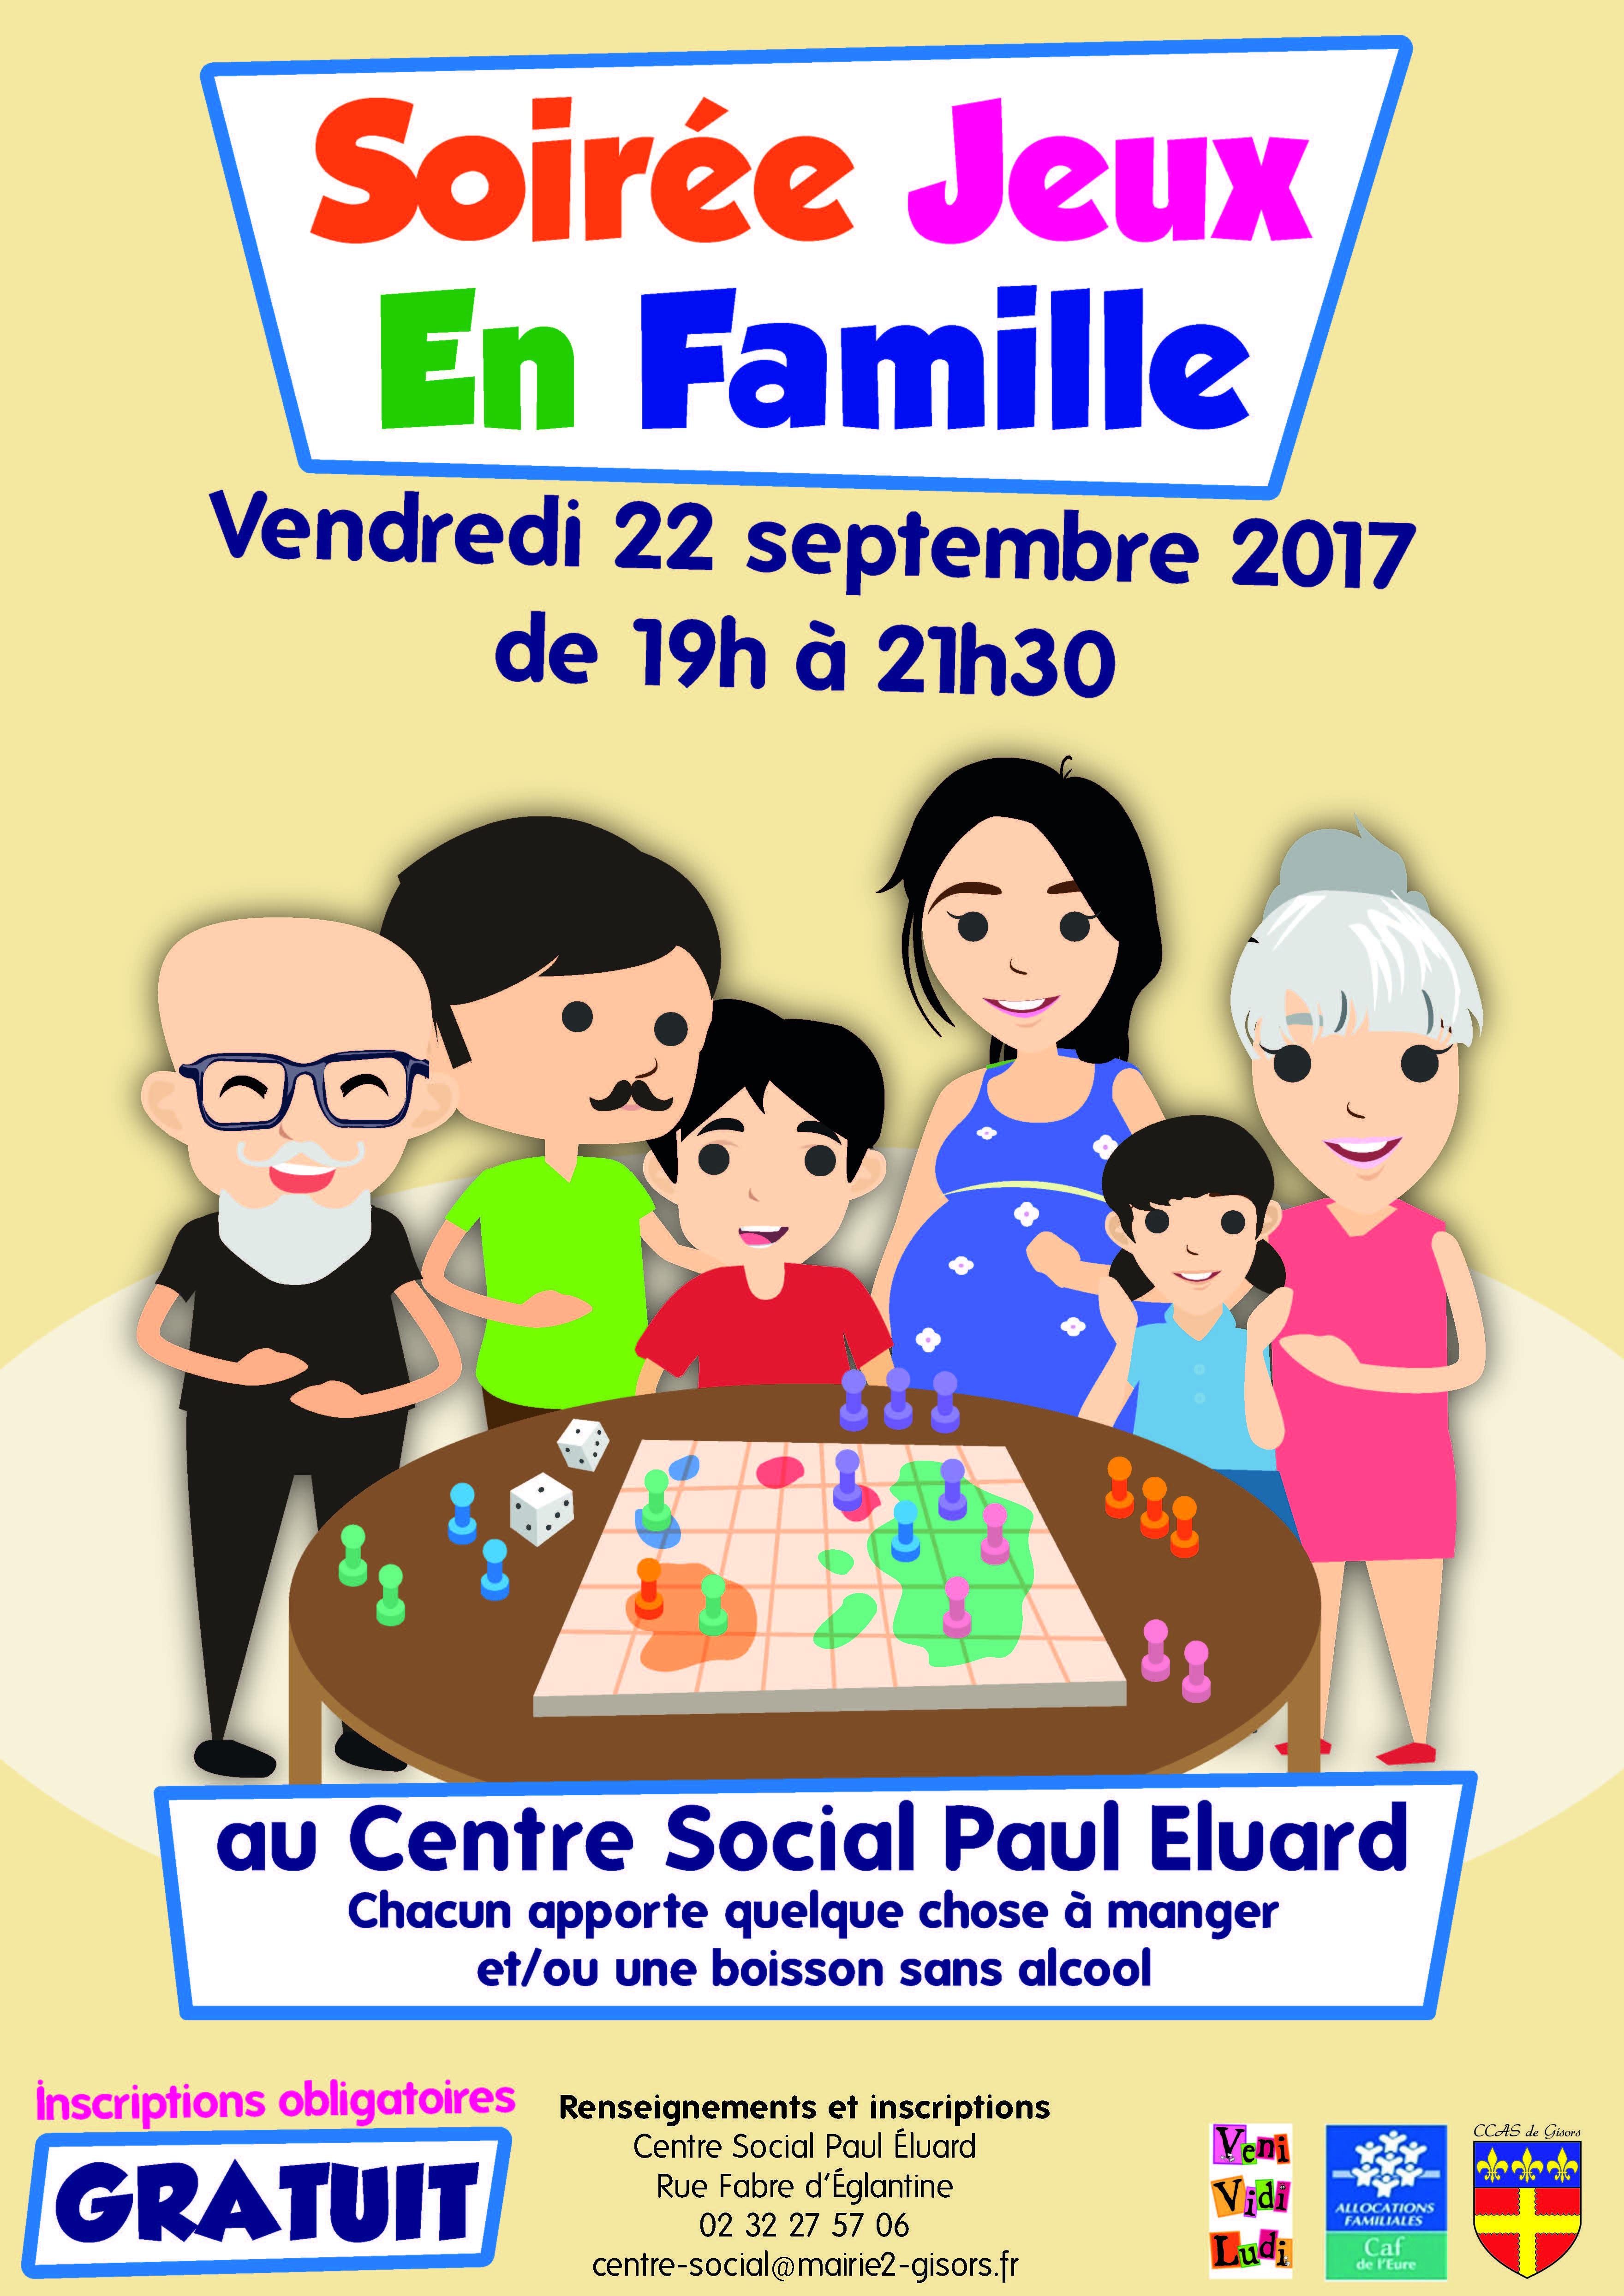 SOIREE JEUX EN FAMILLE